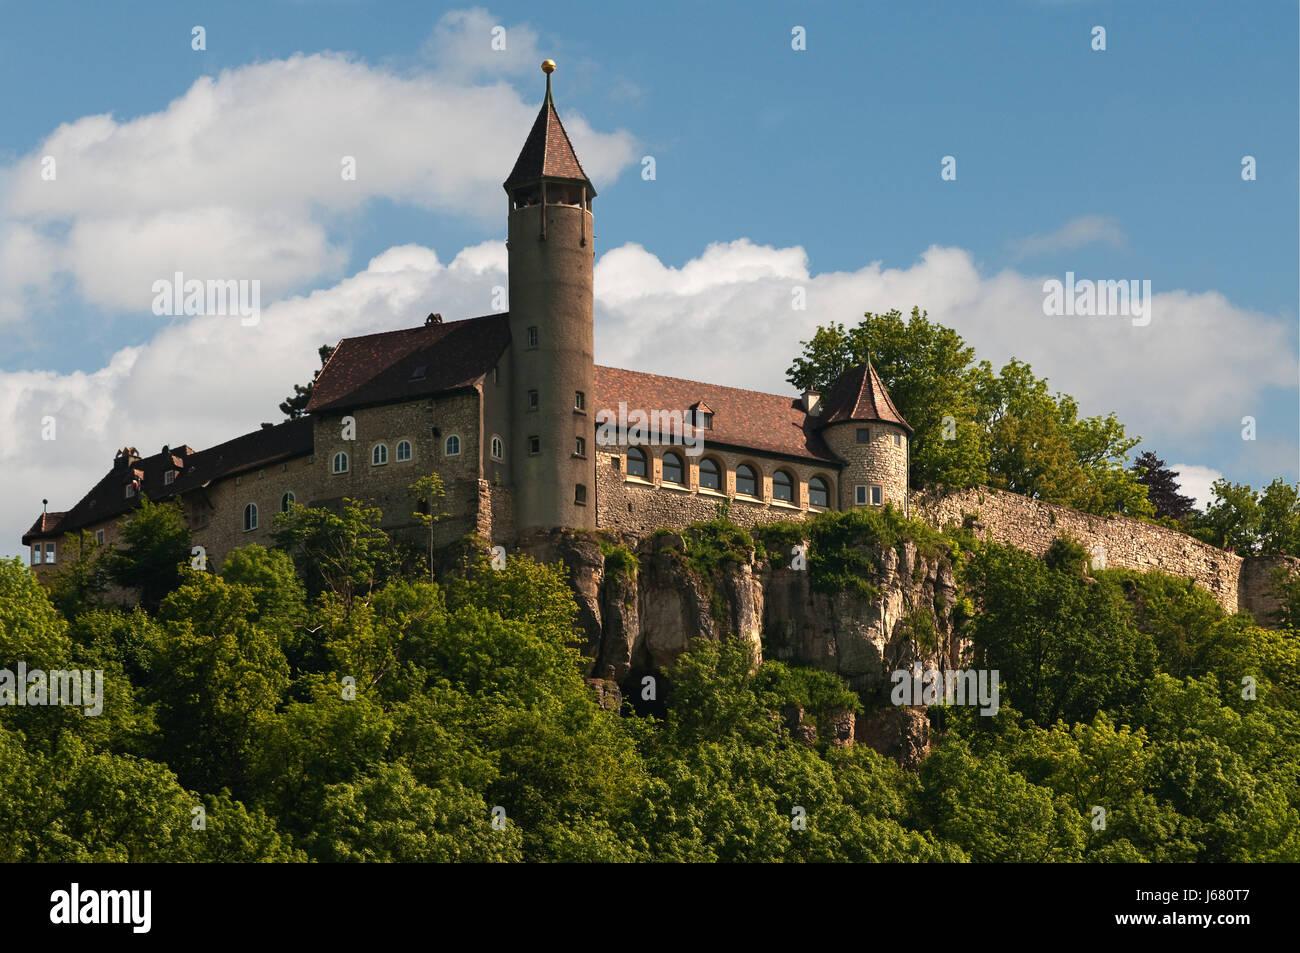 Burg Teck Stock Photos & Burg Teck Stock Images